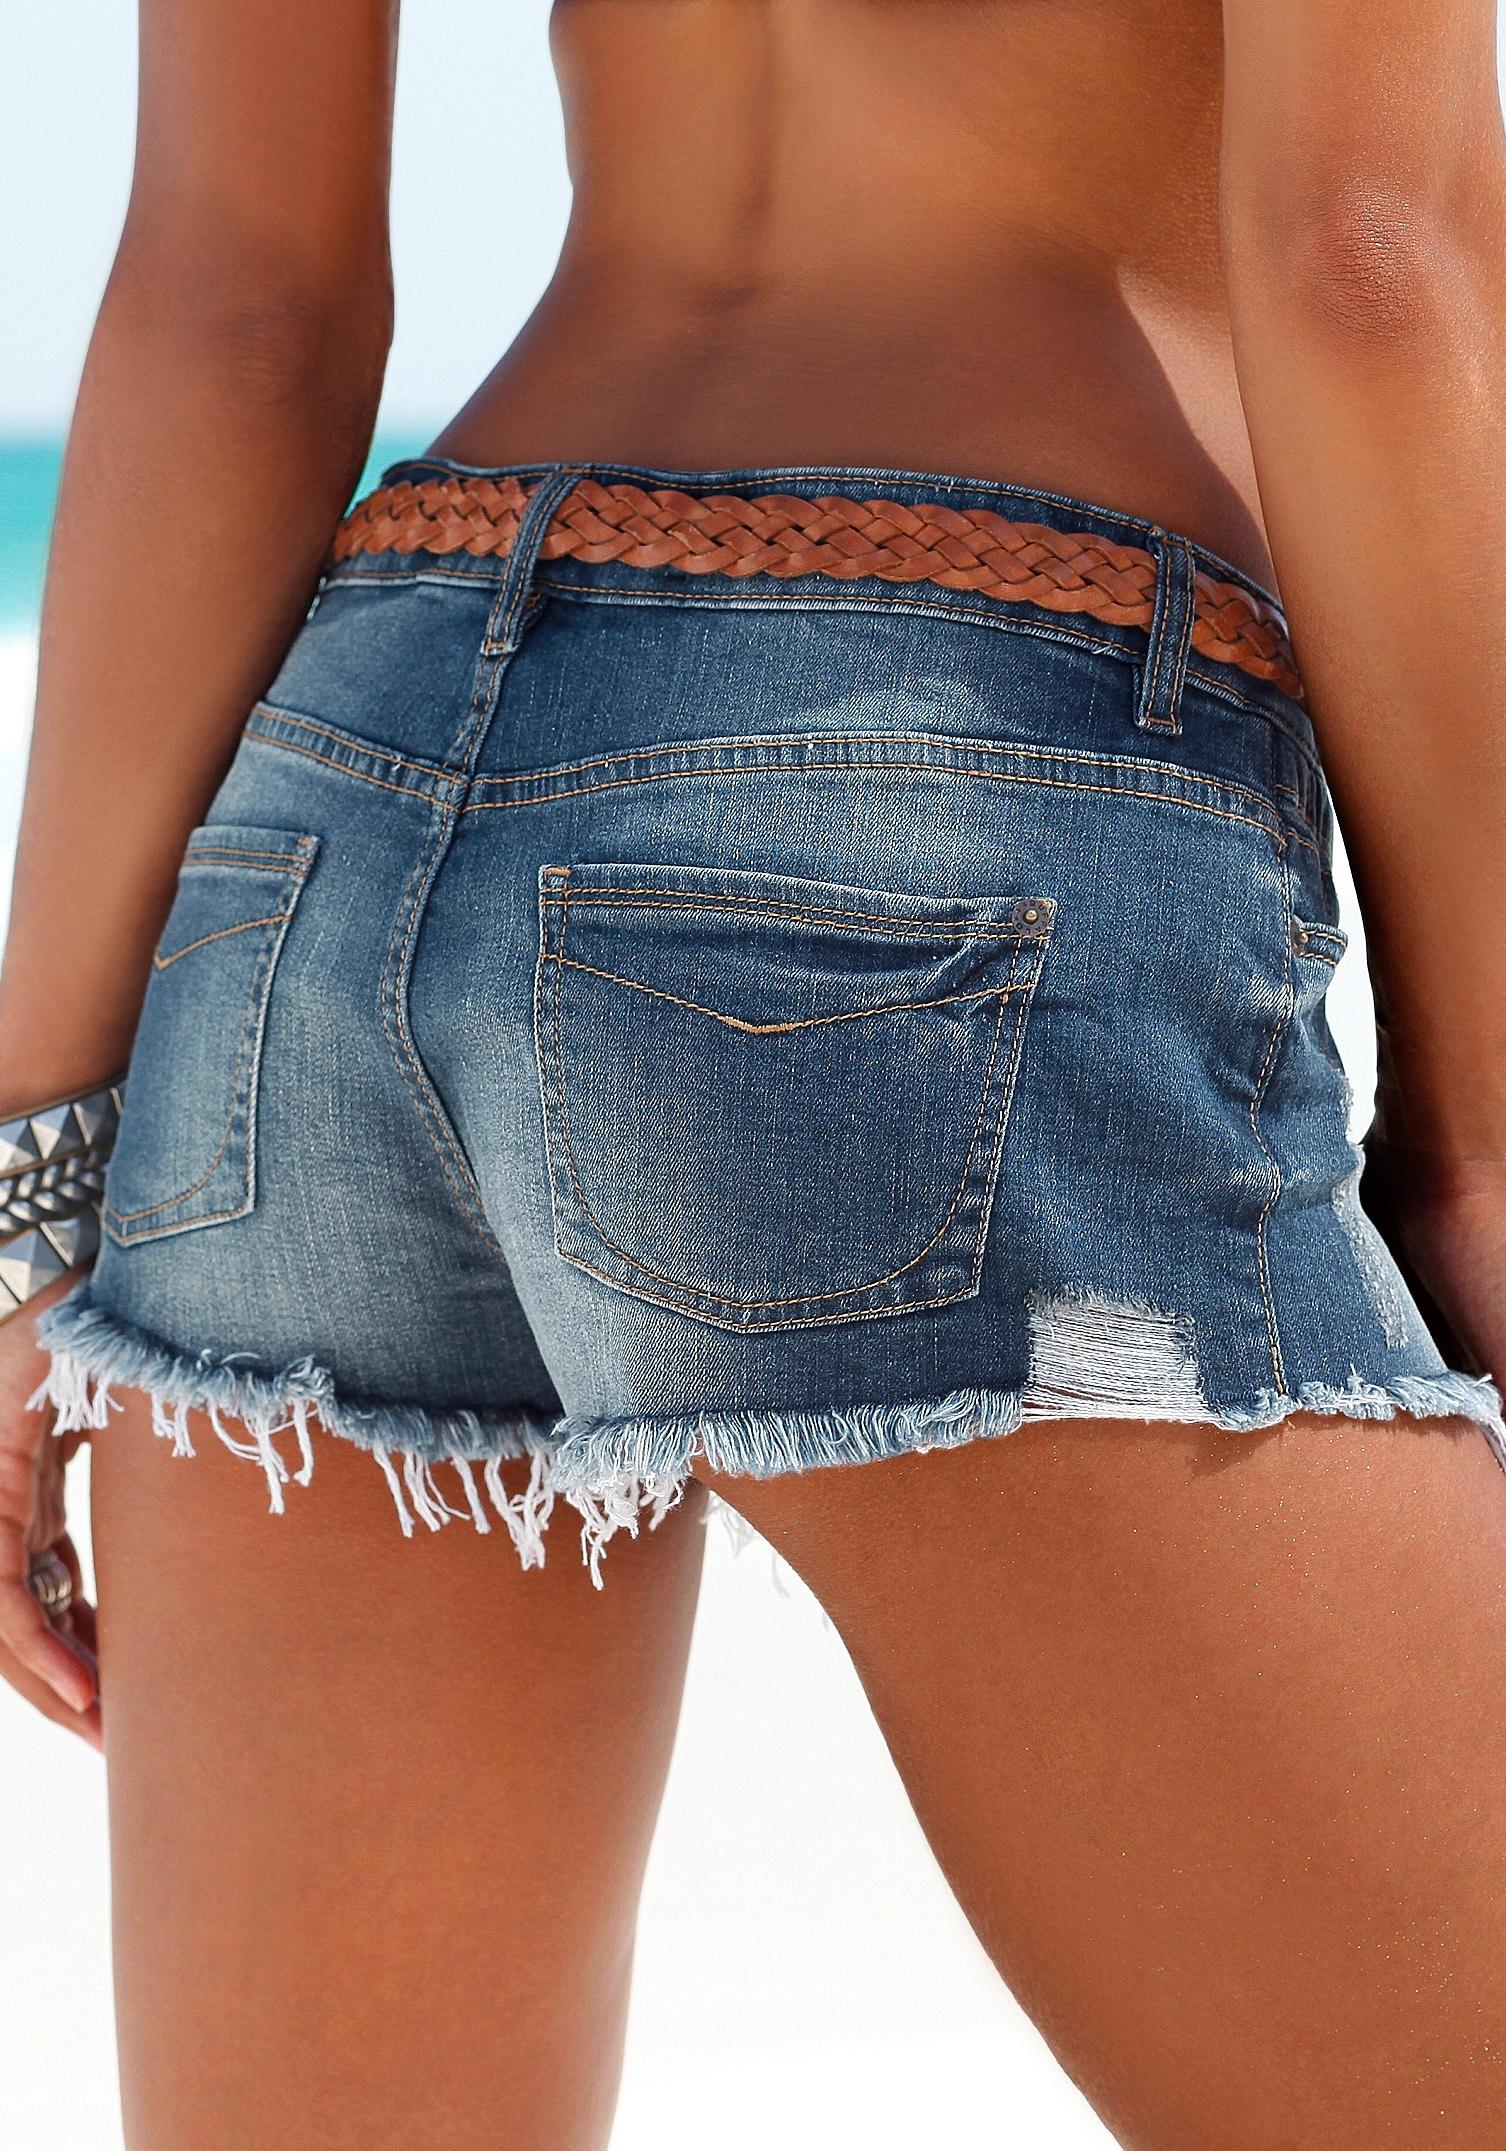 OTTO BUFFALO LONDON Jeans-hotpants in 5-pocketsstijl